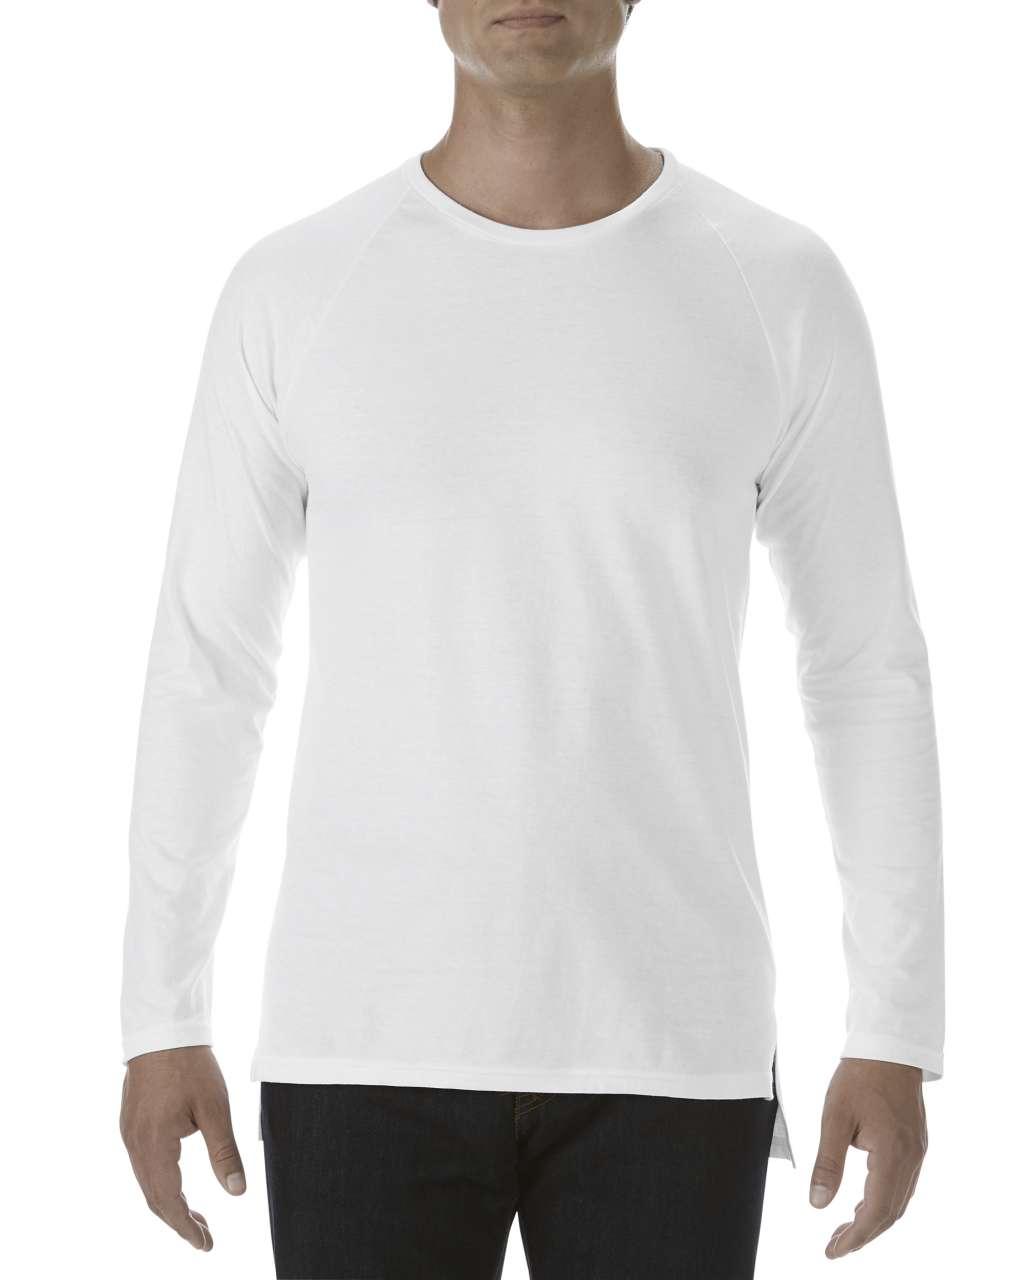 fe0336df82 Anvil AN5628 férfi hosszú ujjú hátul hosszított pamut póló - Fehér ...